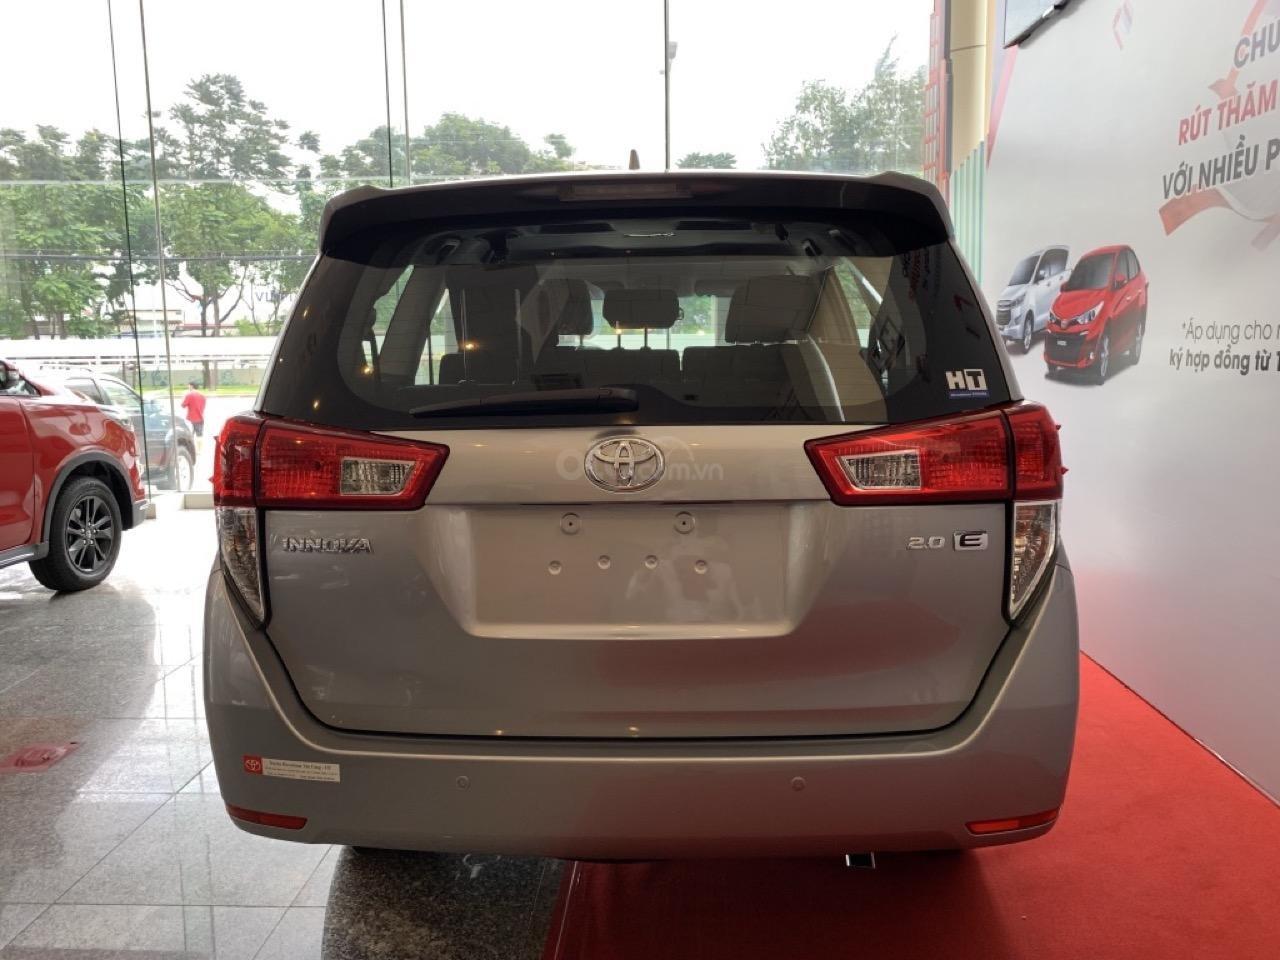 Chỉ 200tr sở hữu ngay Toyota Innova 2019 mới 100% (3)